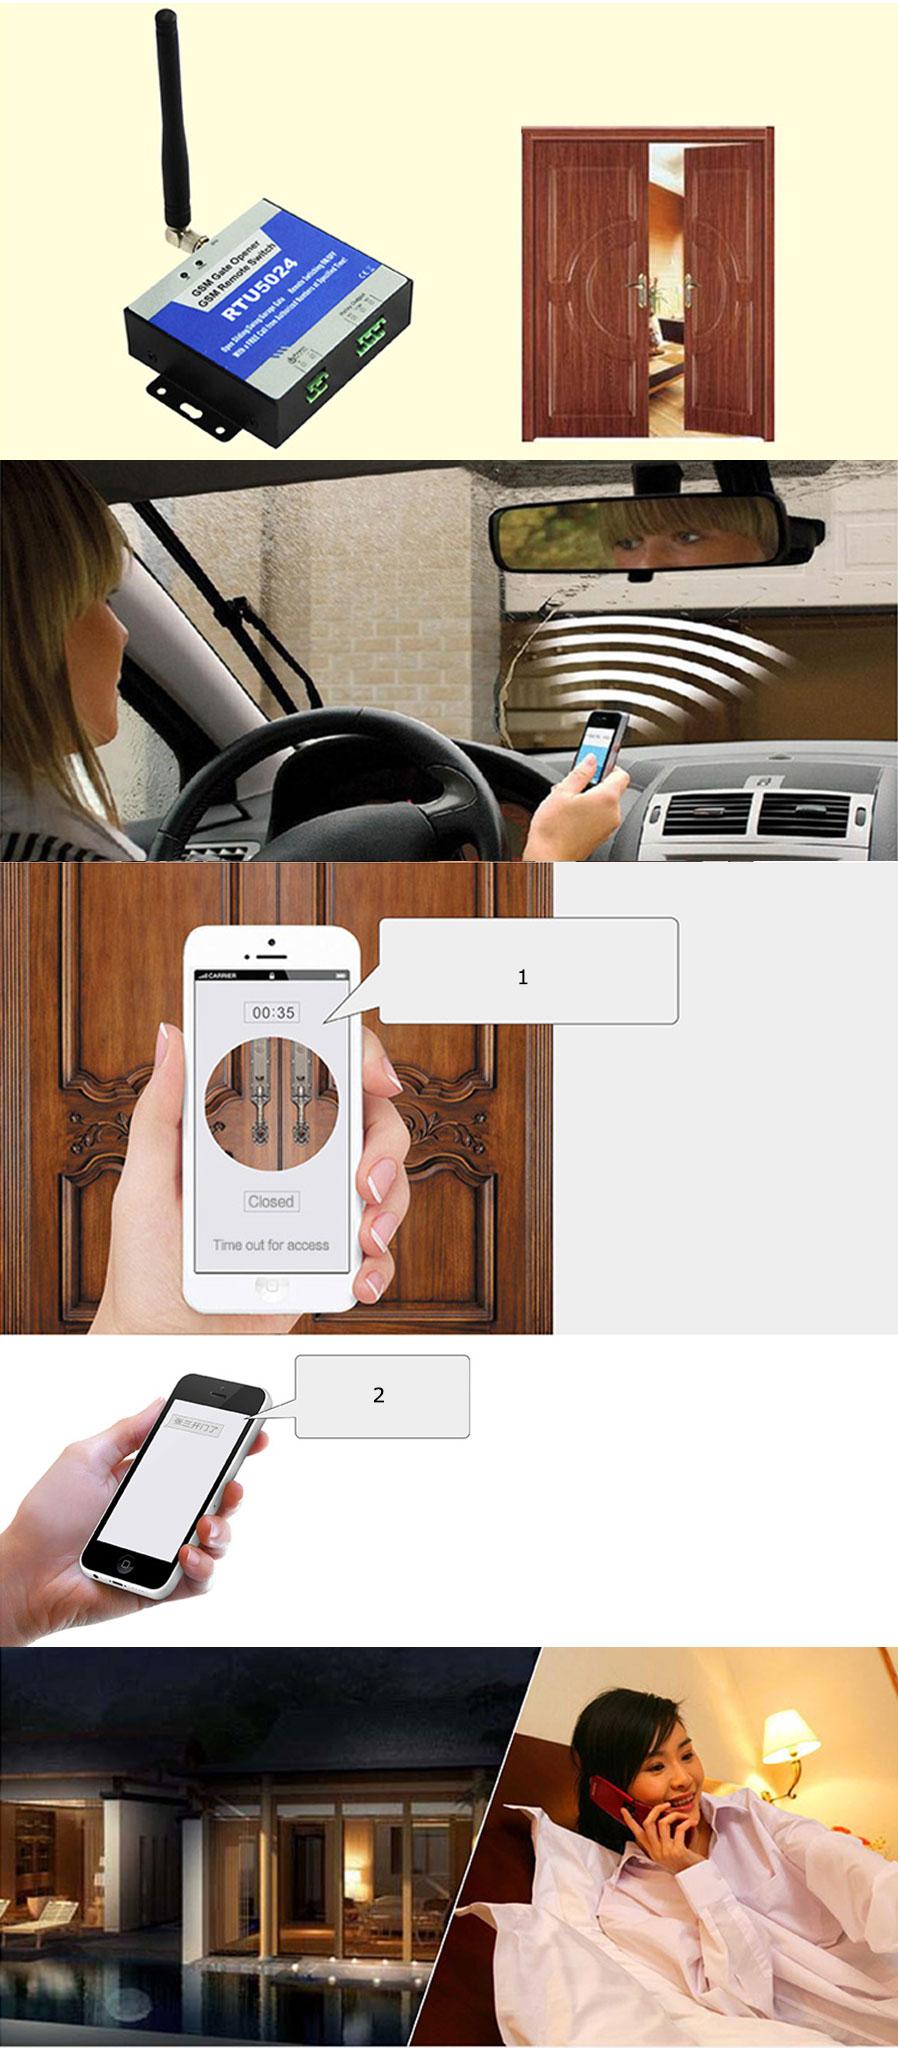 i.ibb.co/JzY1wVK/Abridor-Controle-Remoto-GSM-para-Porta-Port-o-RTU5024-5.jpg